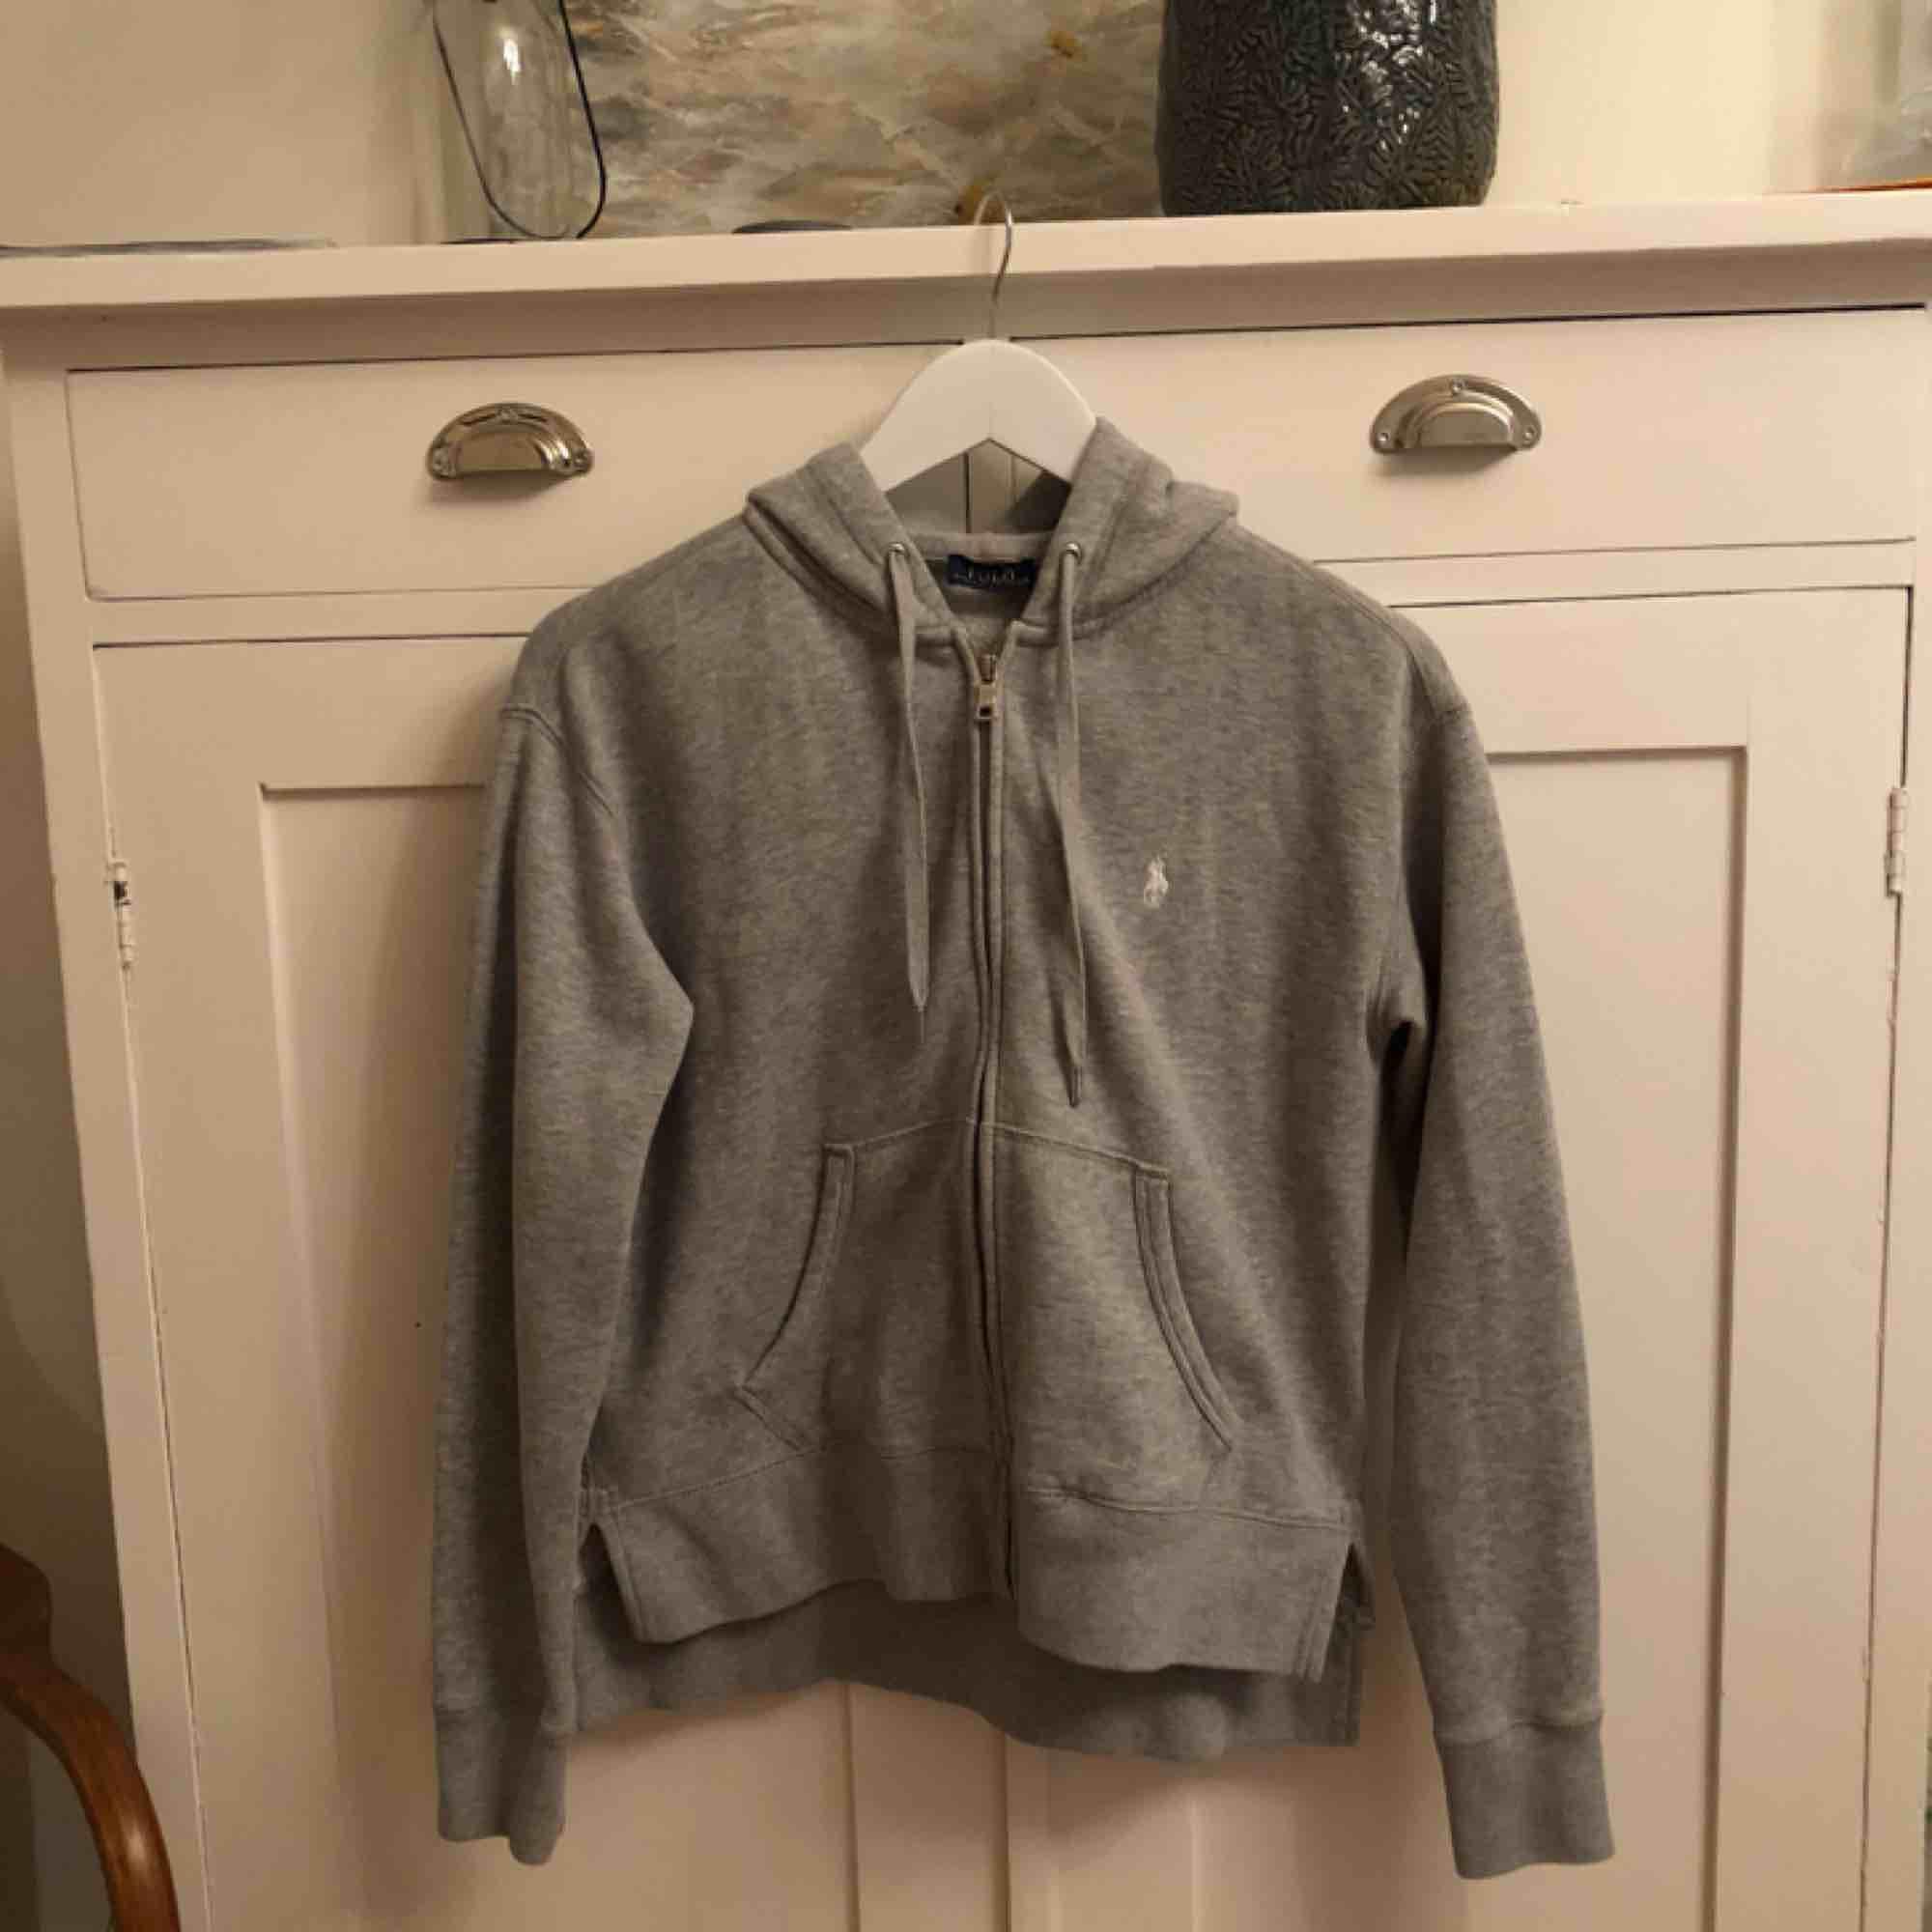 Sweatshirt från Polo Ralph Lauren. Den är i bra skick, men är tyvärr för liten för mig nu. GRATIS FRAKT!!!. Tröjor & Koftor.